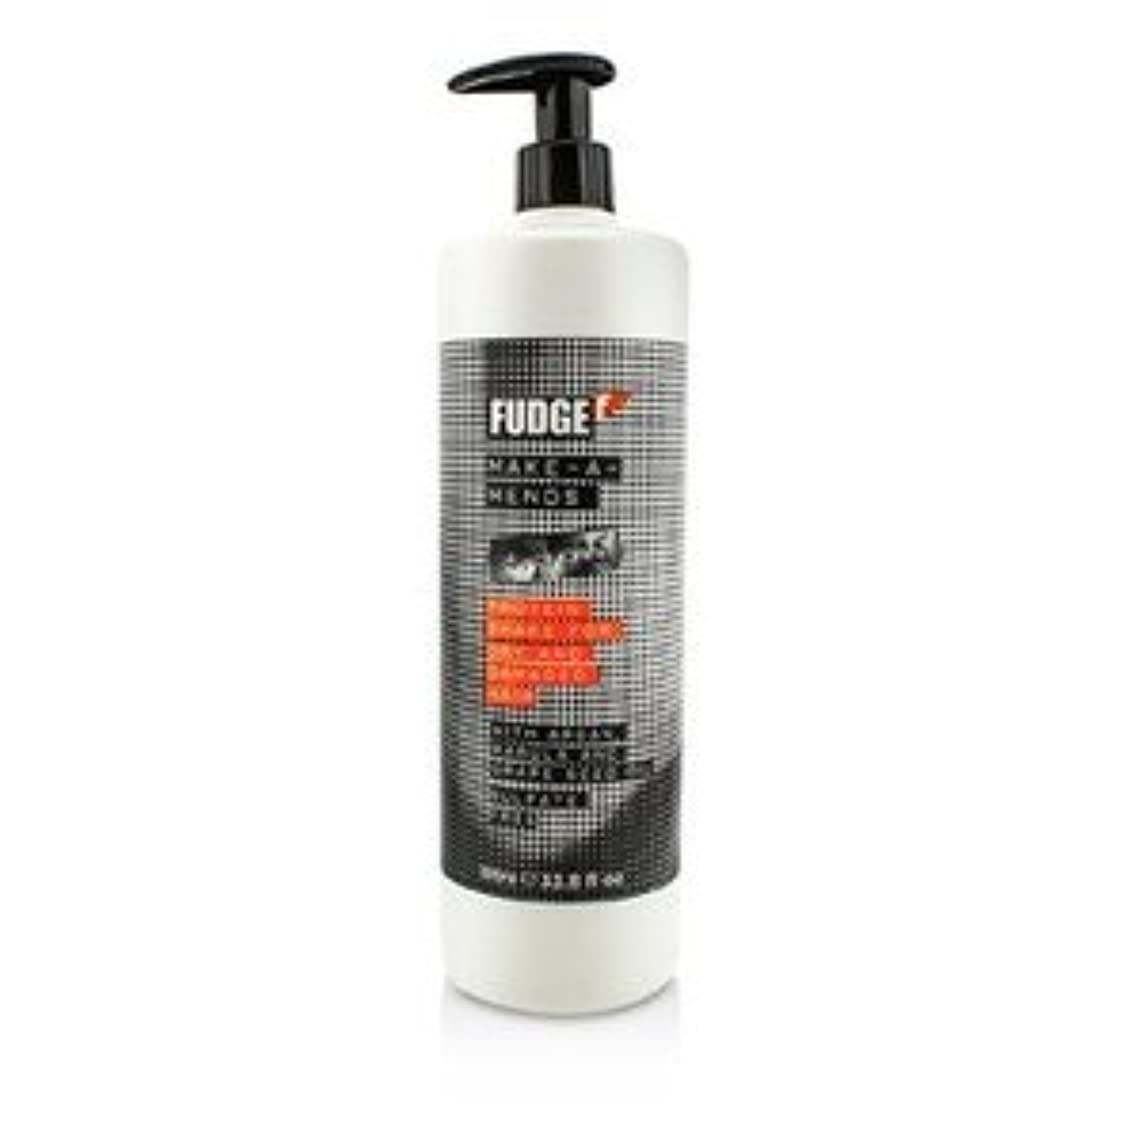 パワーセル言う高度なFudge メイク ア メンズ シャンプー - サルフェートフリー(For Dry and Damaged Hair) 1000ml/33.8oz [並行輸入品]